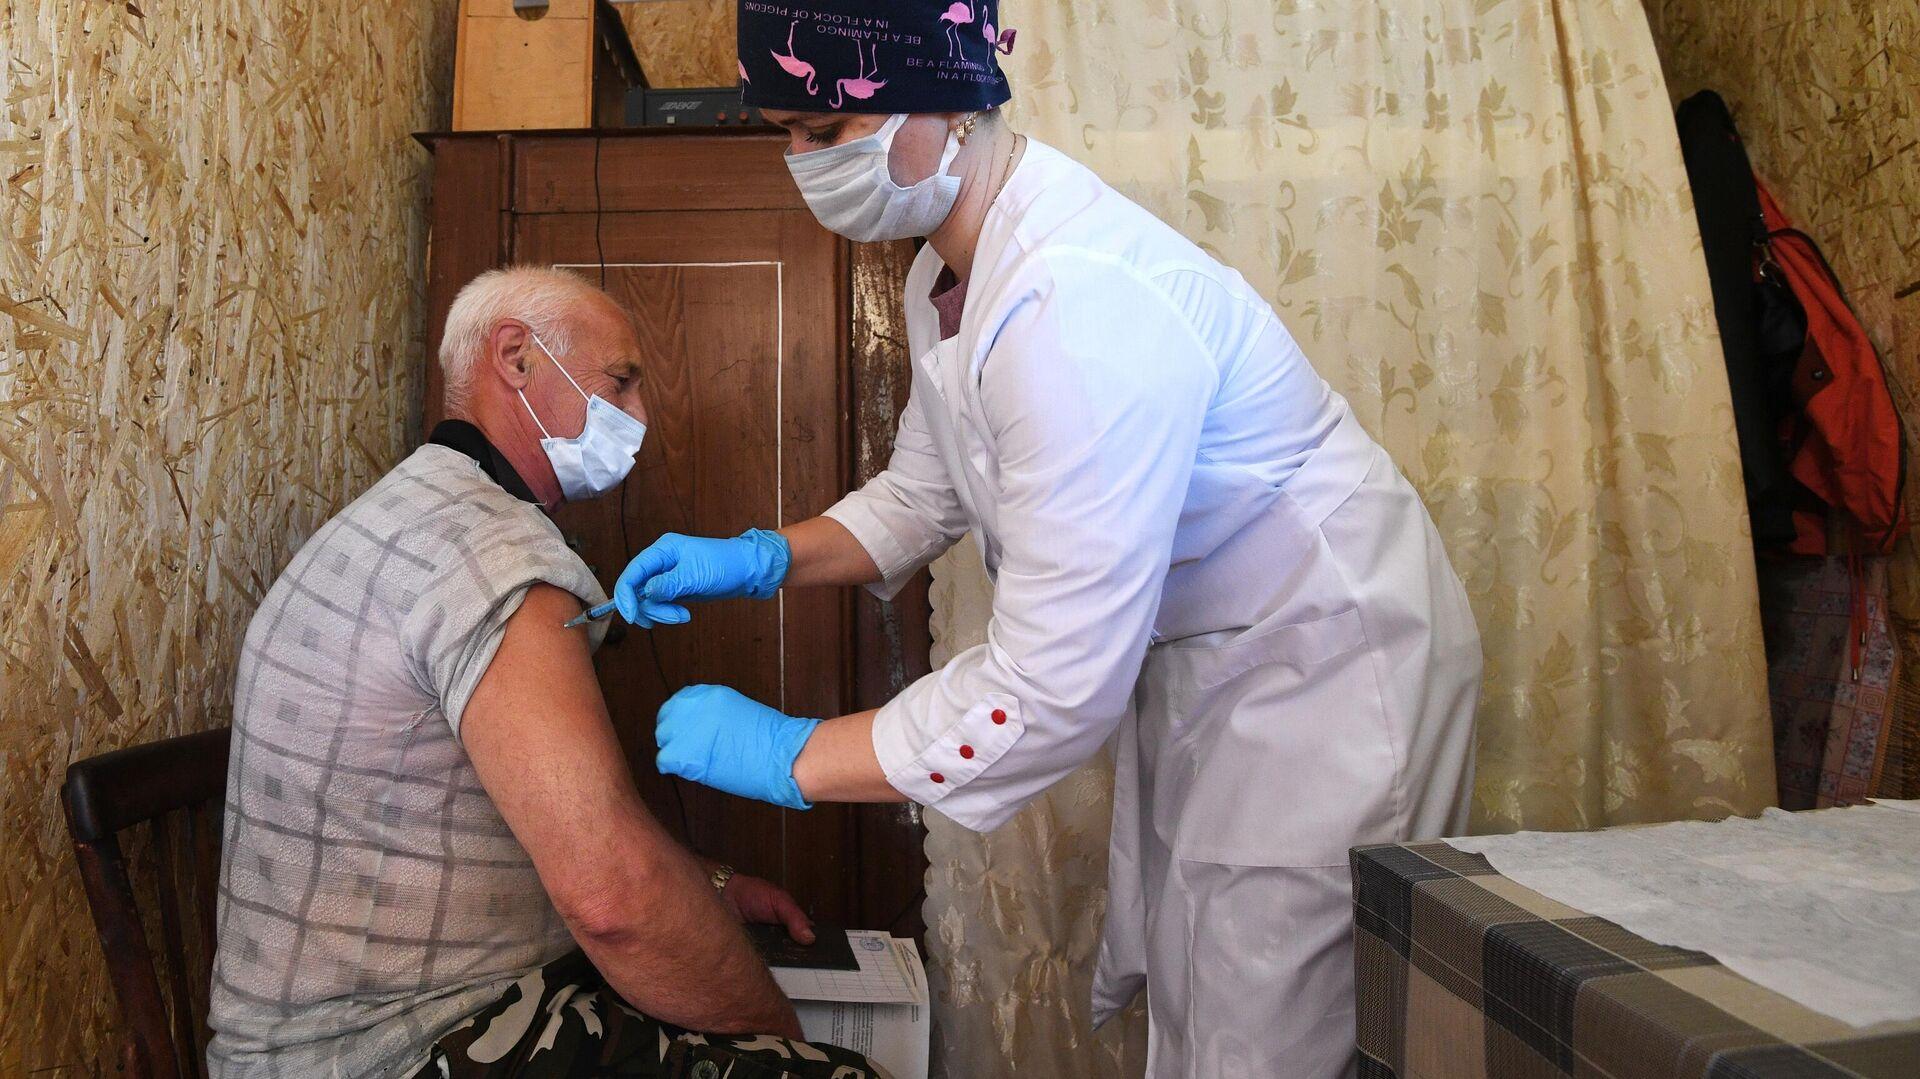 Пациент во время проведения выездной вакцинации от коронавирусной инфекции в дачном обществе Березка под Новосибирском - РИА Новости, 1920, 08.06.2021